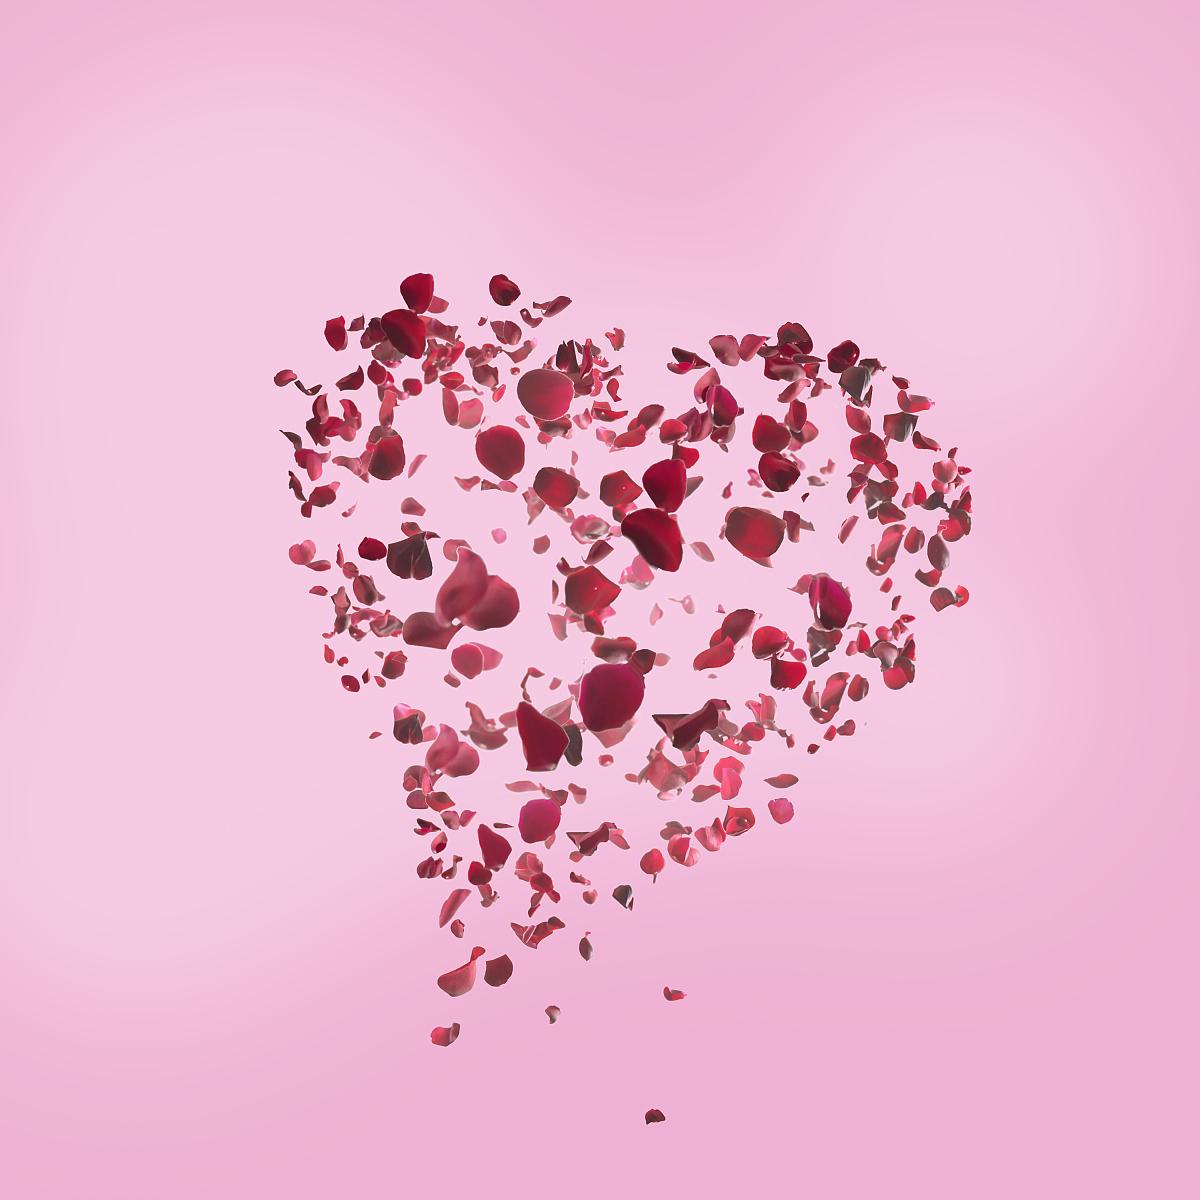 心形的玫瑰花瓣在粉红色的背景图片